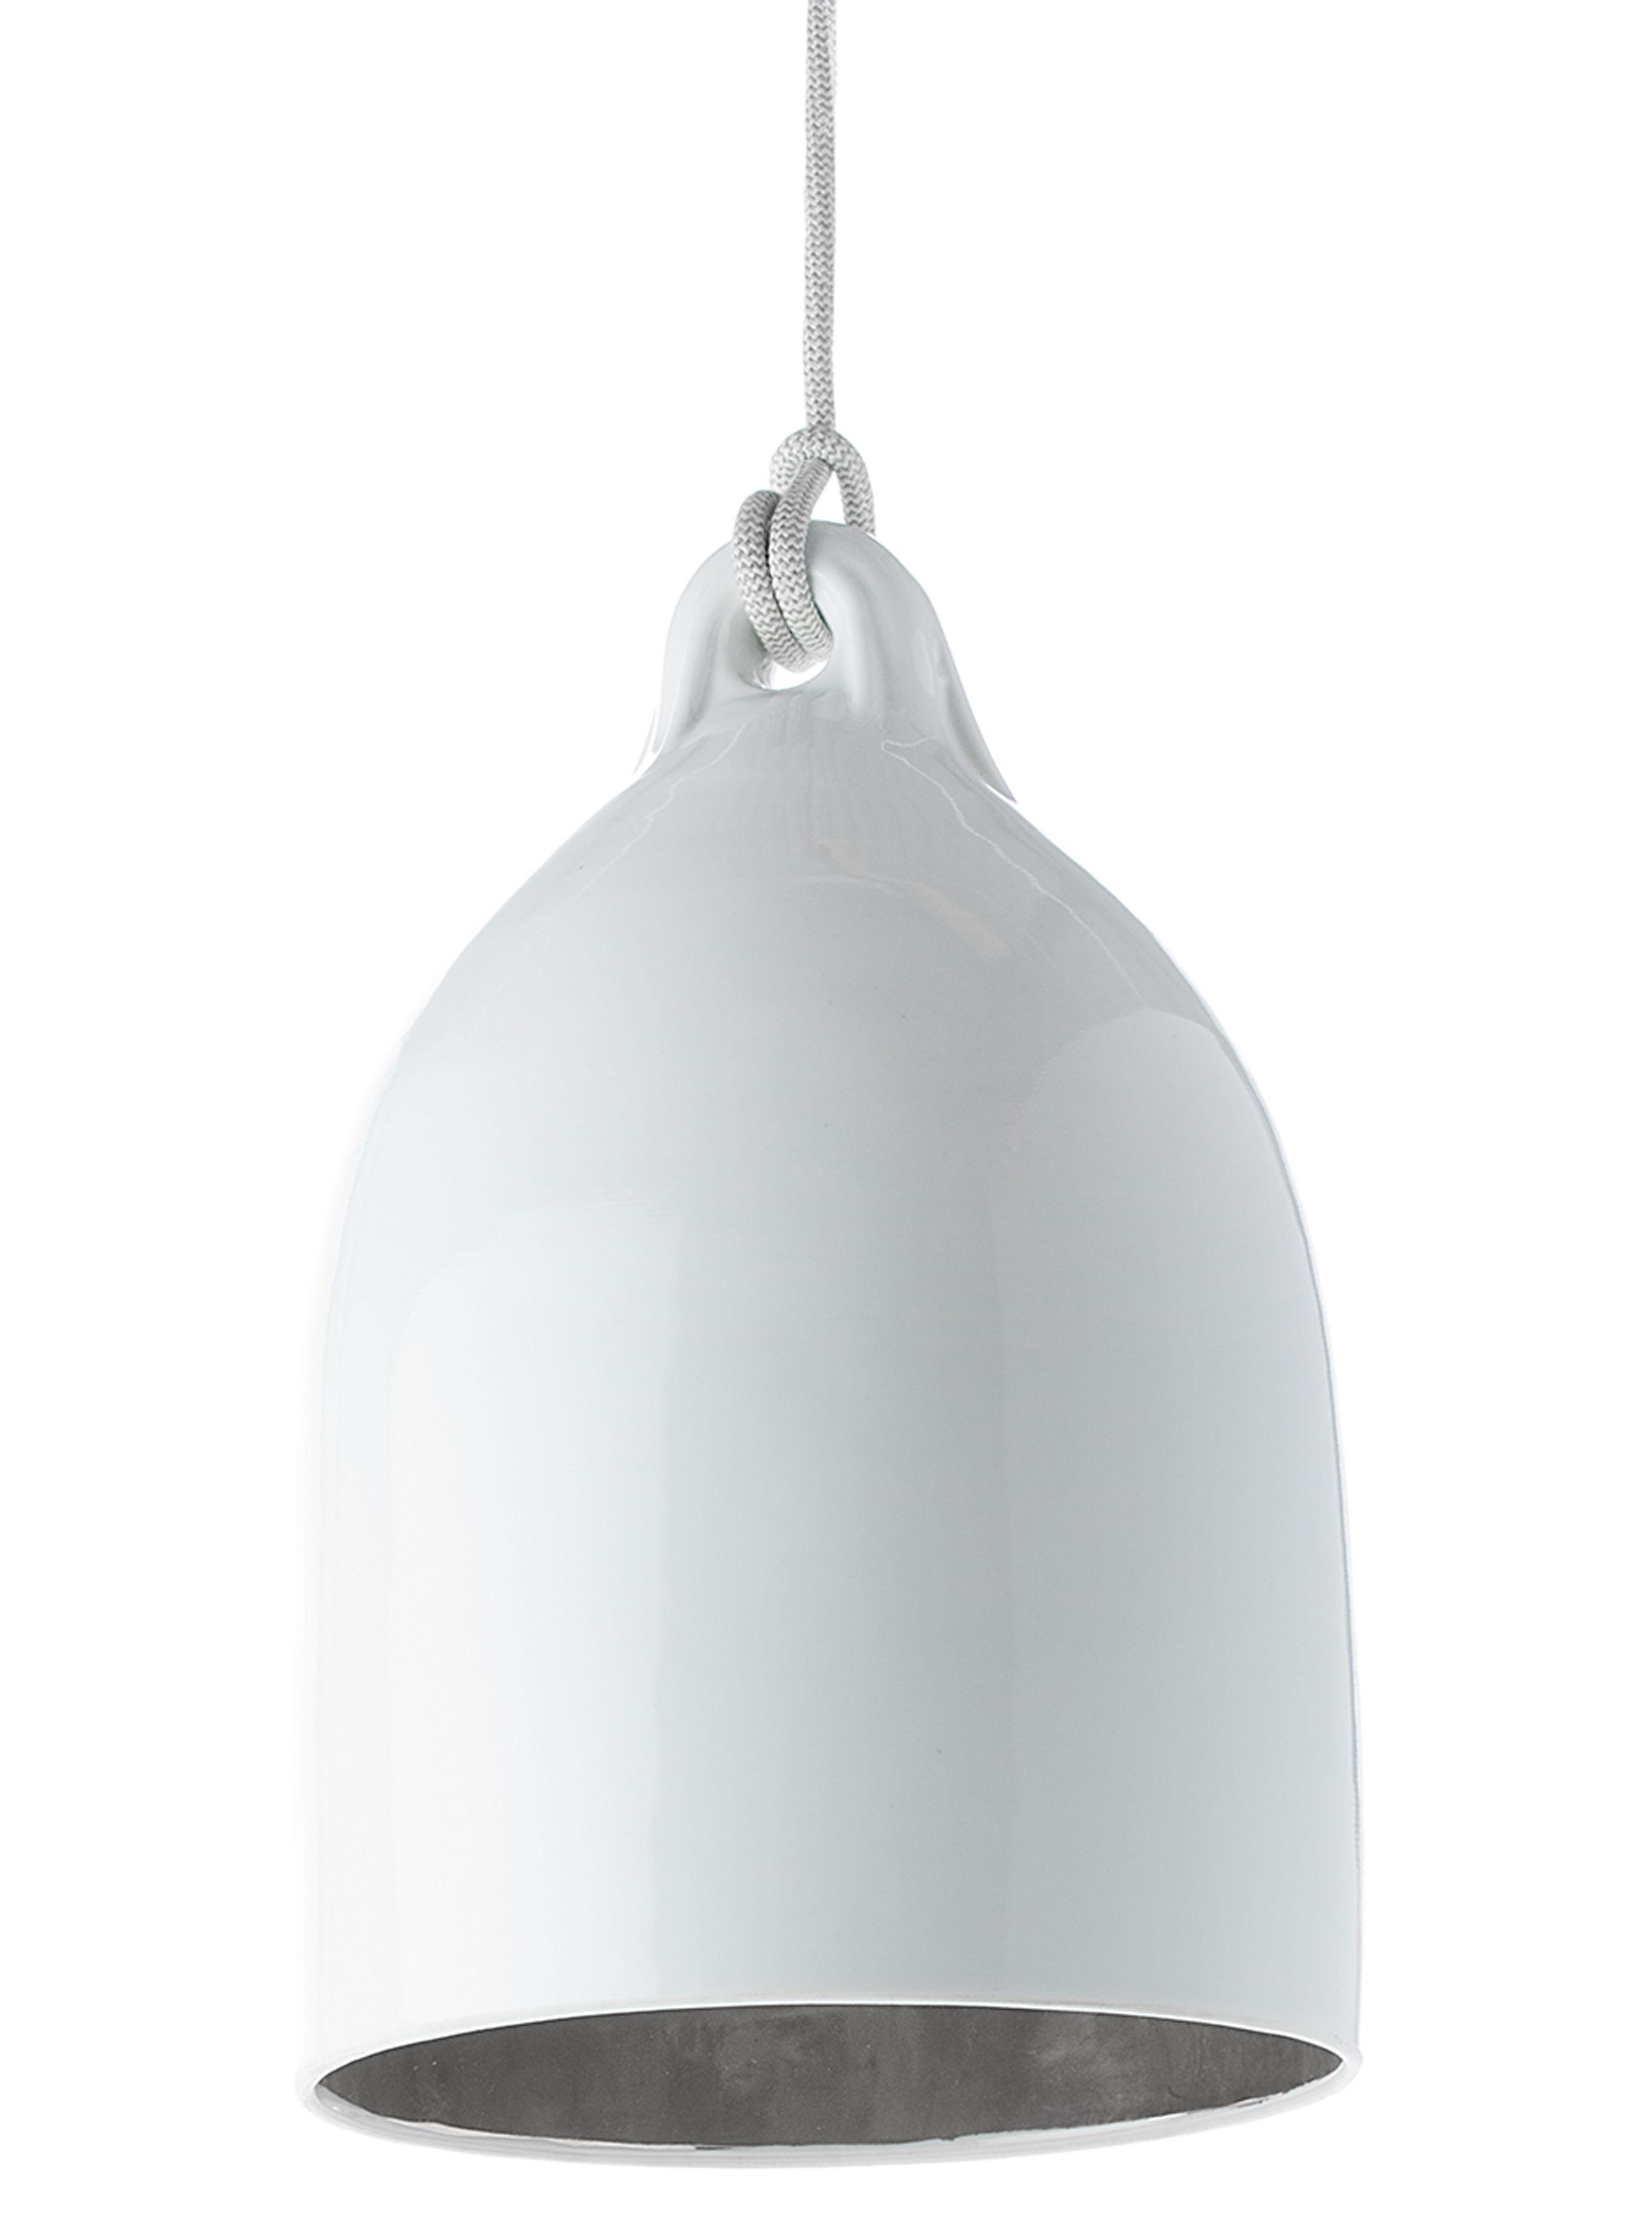 Luminaire - Suspensions - Suspension Bufferlamp édition limitée argent - Pols Potten - Blanc brillant & intérieur argent - Porcelaine